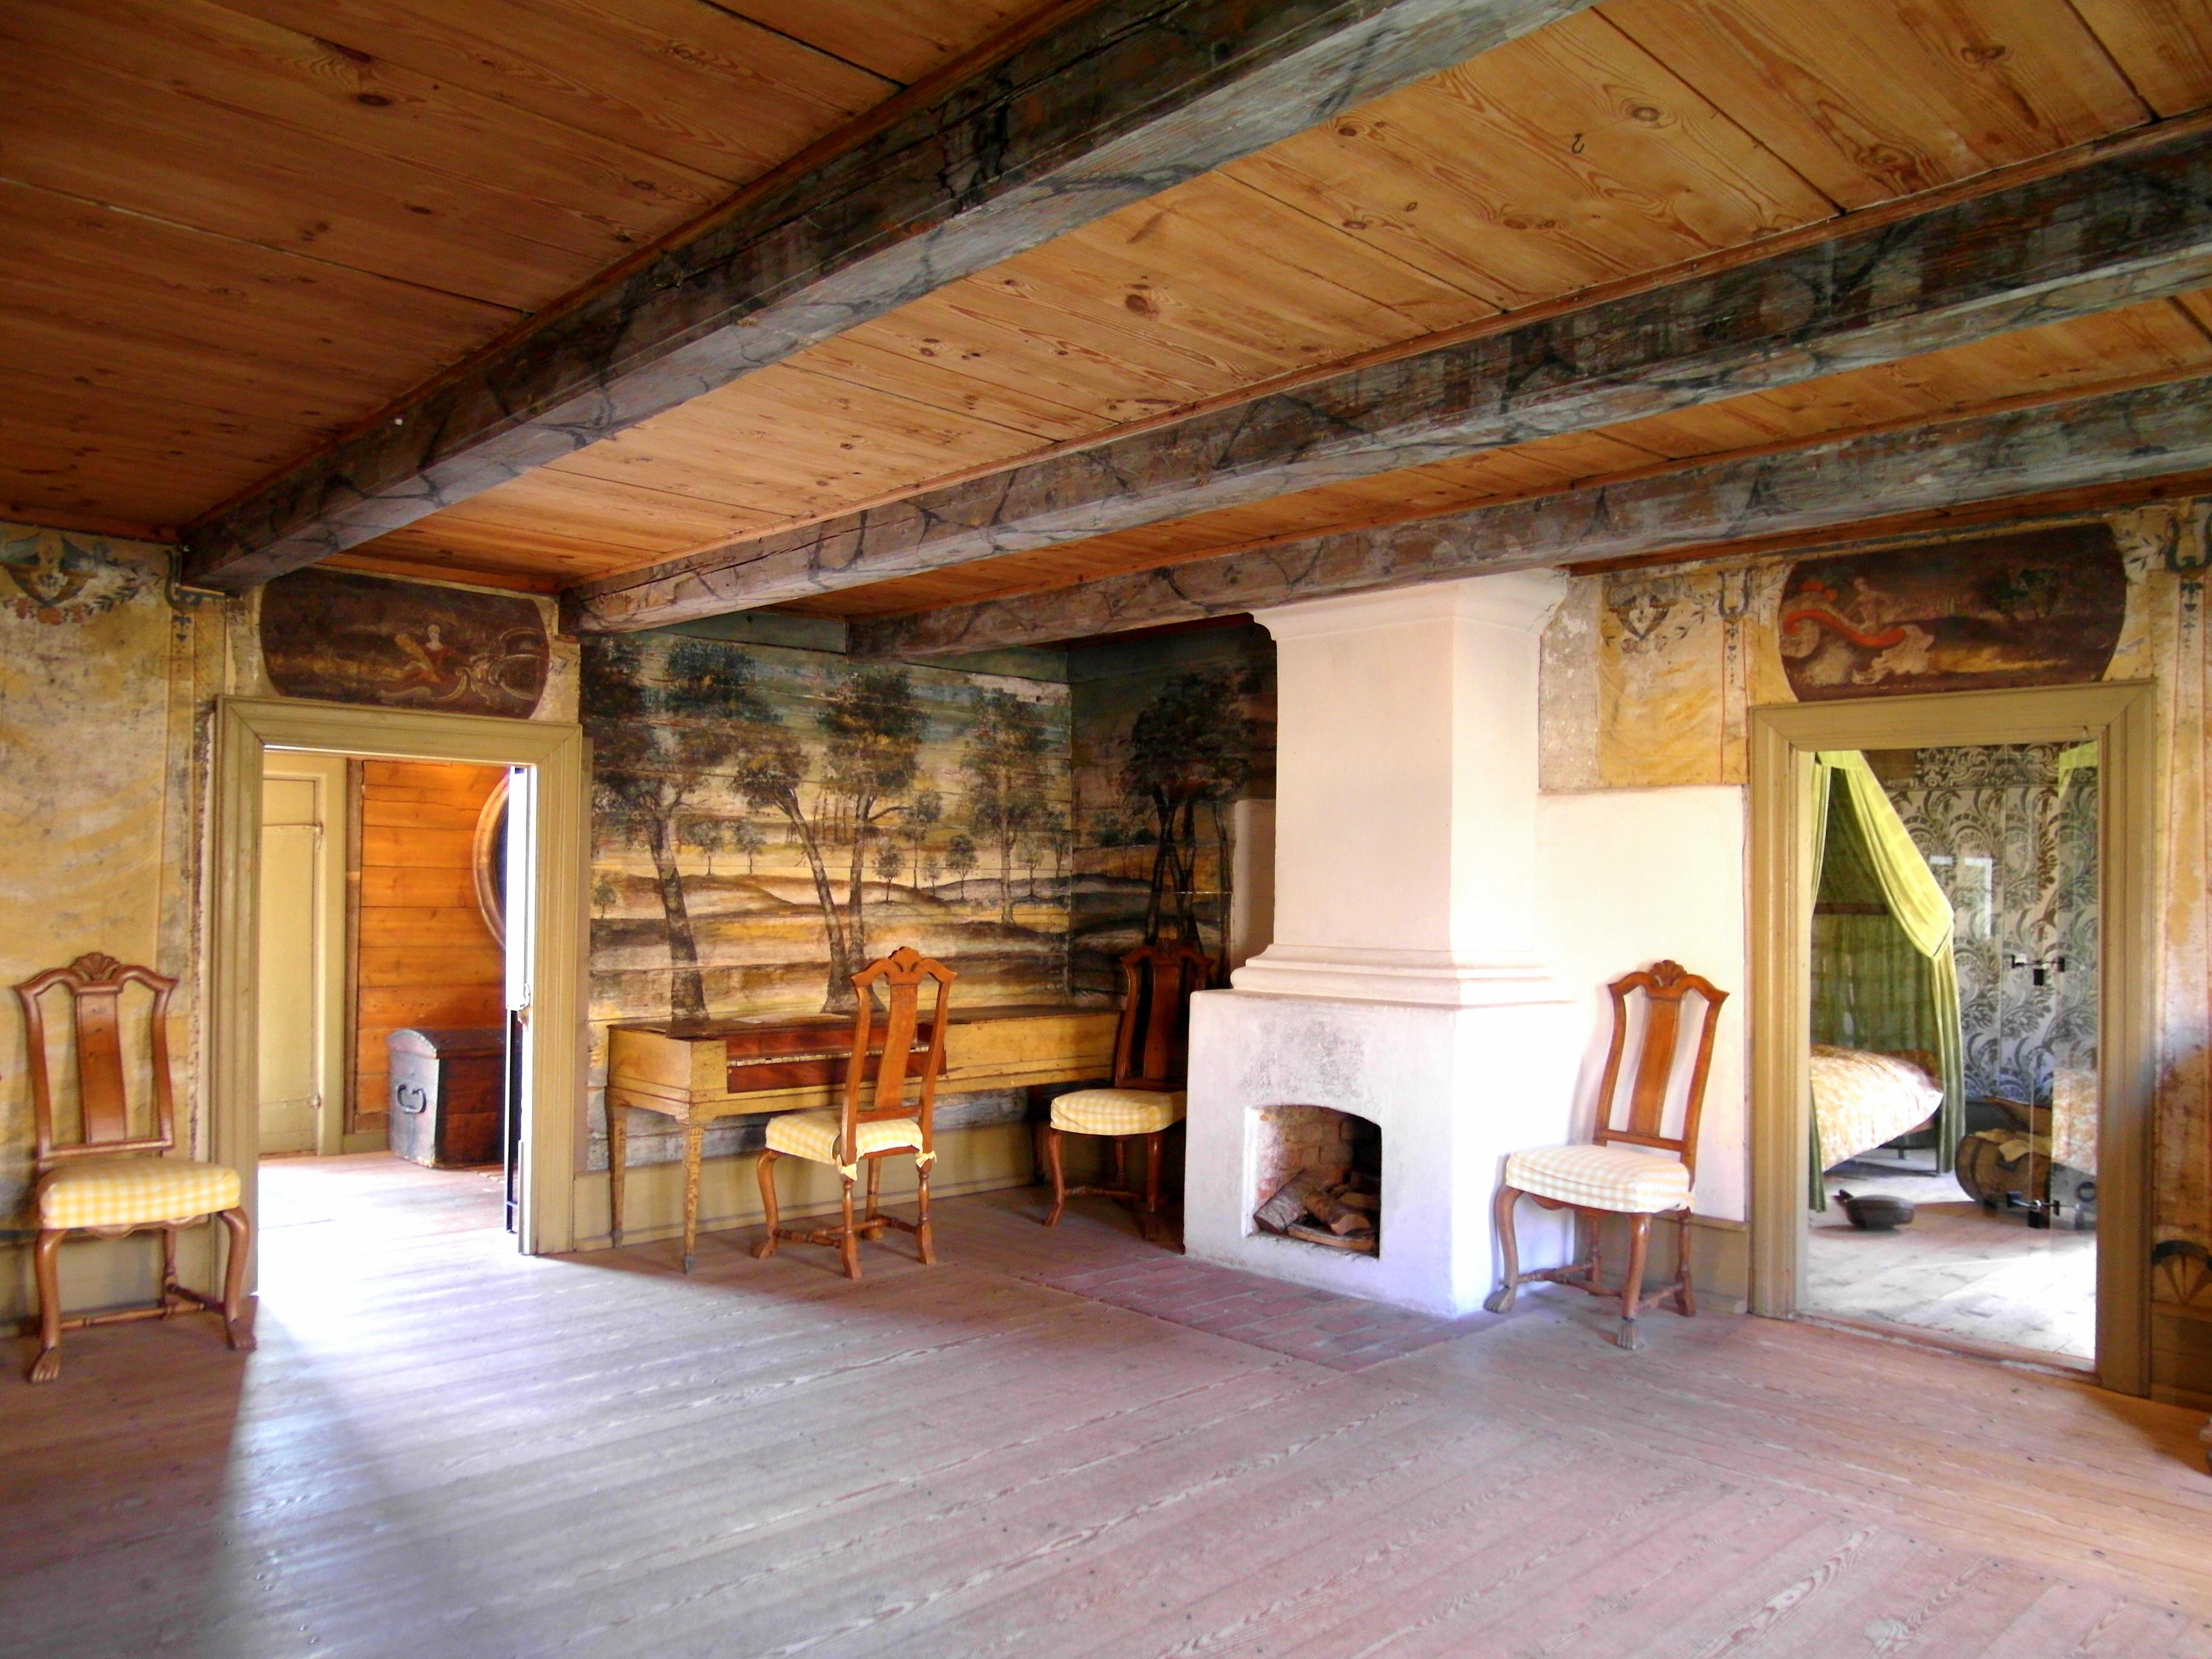 File:interör från västra vrams prästgård   vardagsrummet i ...